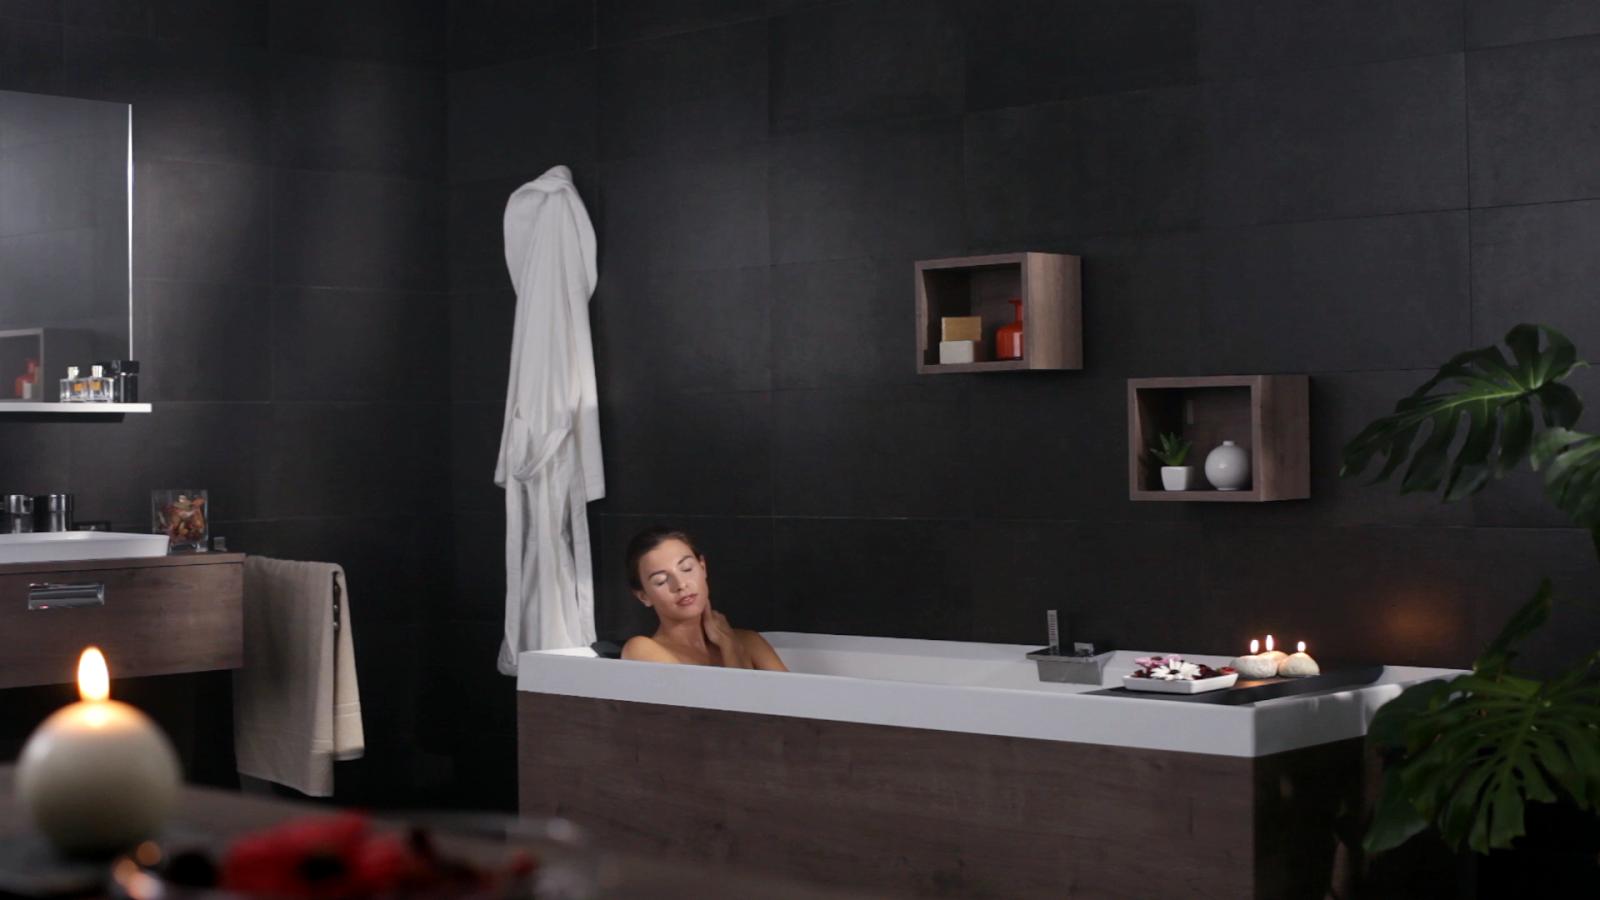 Regardsetmaisons d tente l 39 heure du bain for Bains manpreet s md